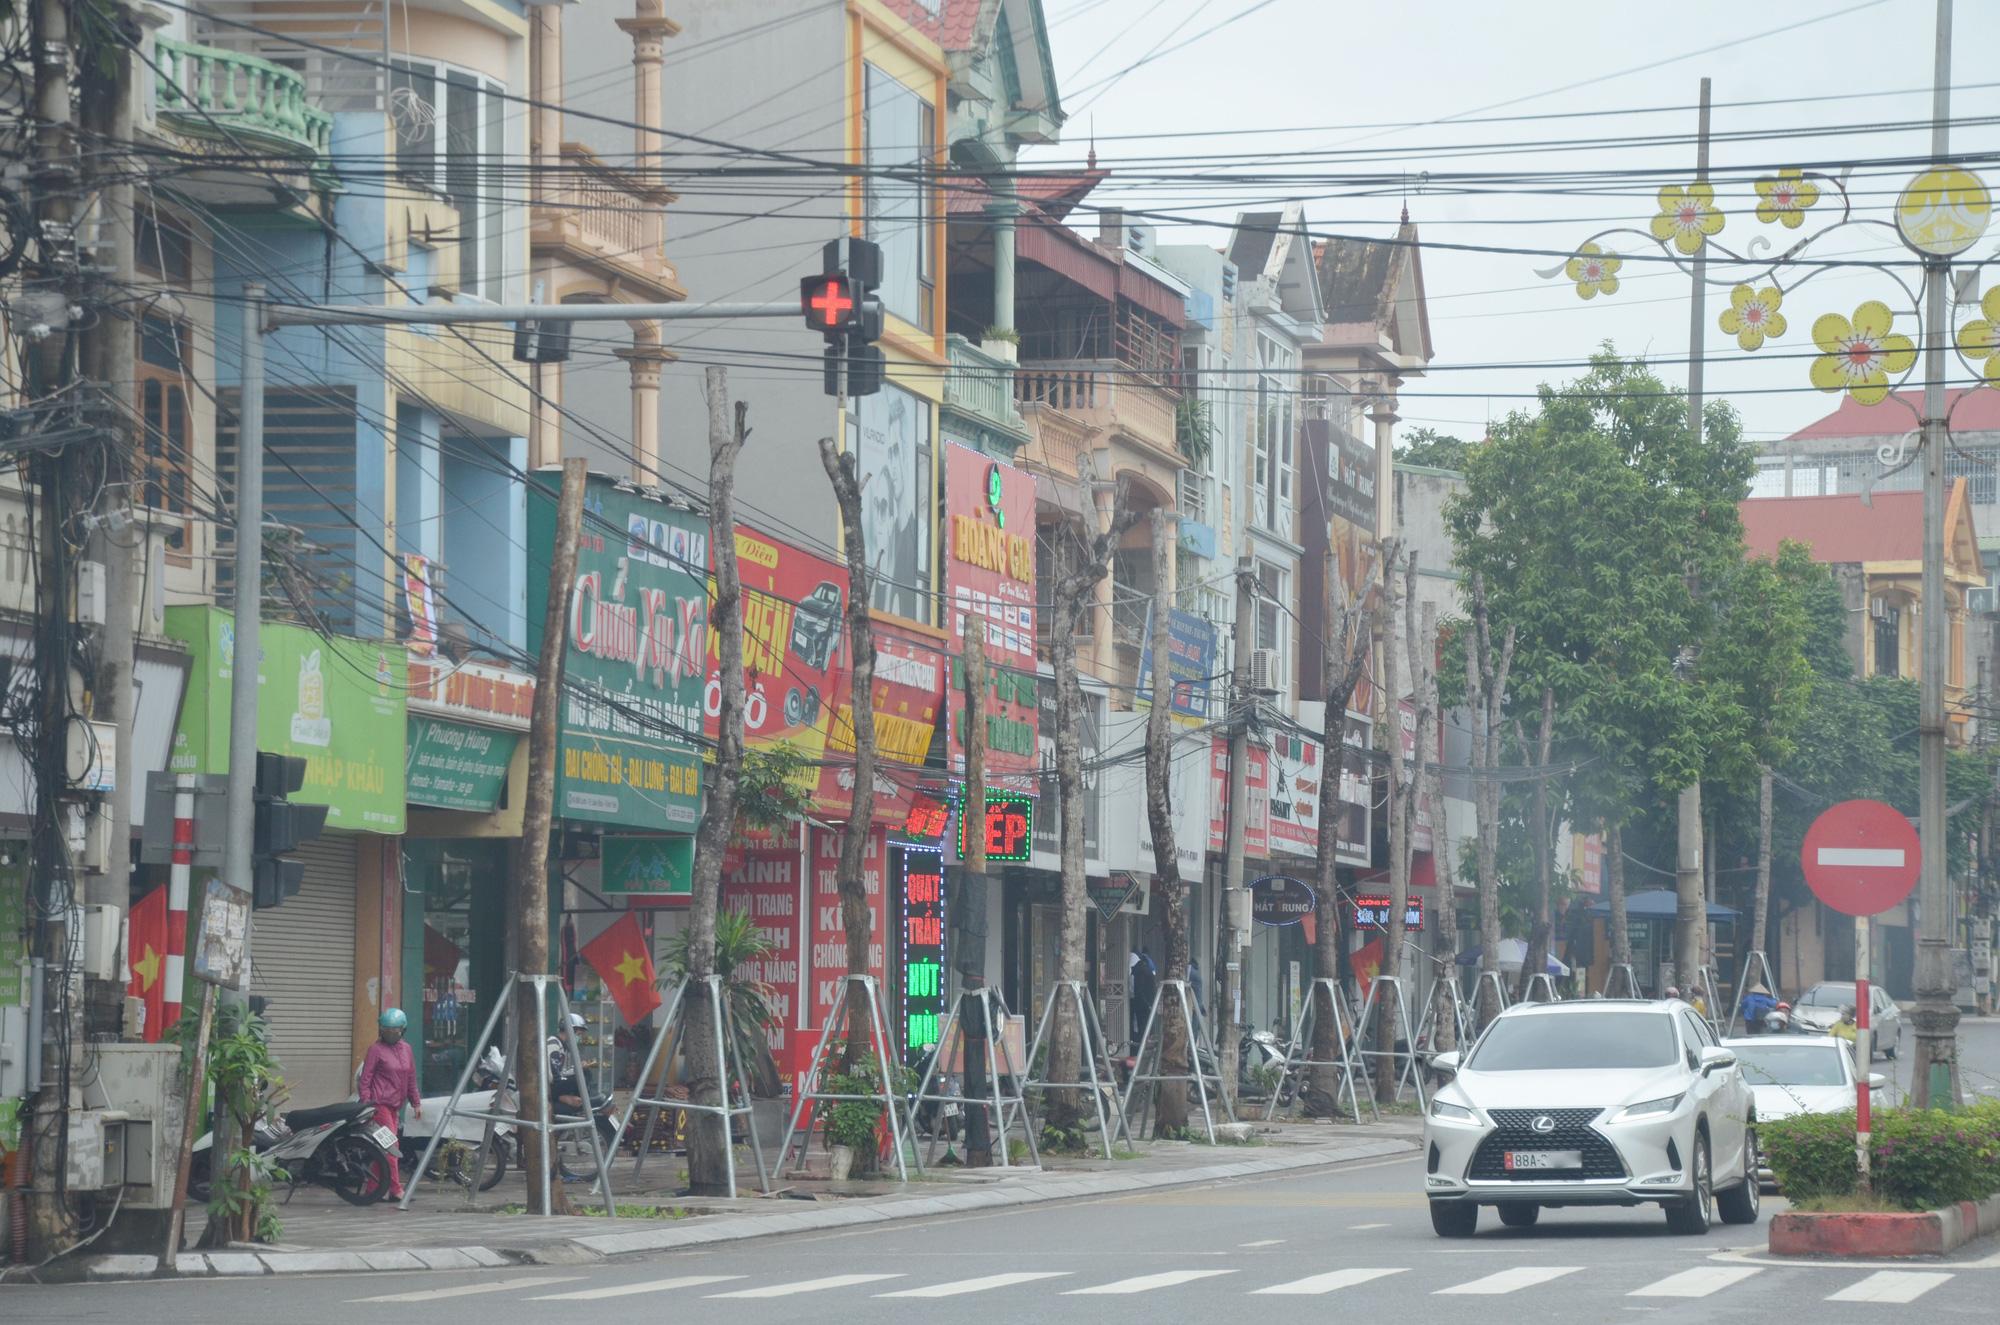 Vĩnh Phúc: La liệt cây xanh bị cụt ngọn, chết khô trên tuyến đường trung tâm thành phố - Ảnh 2.